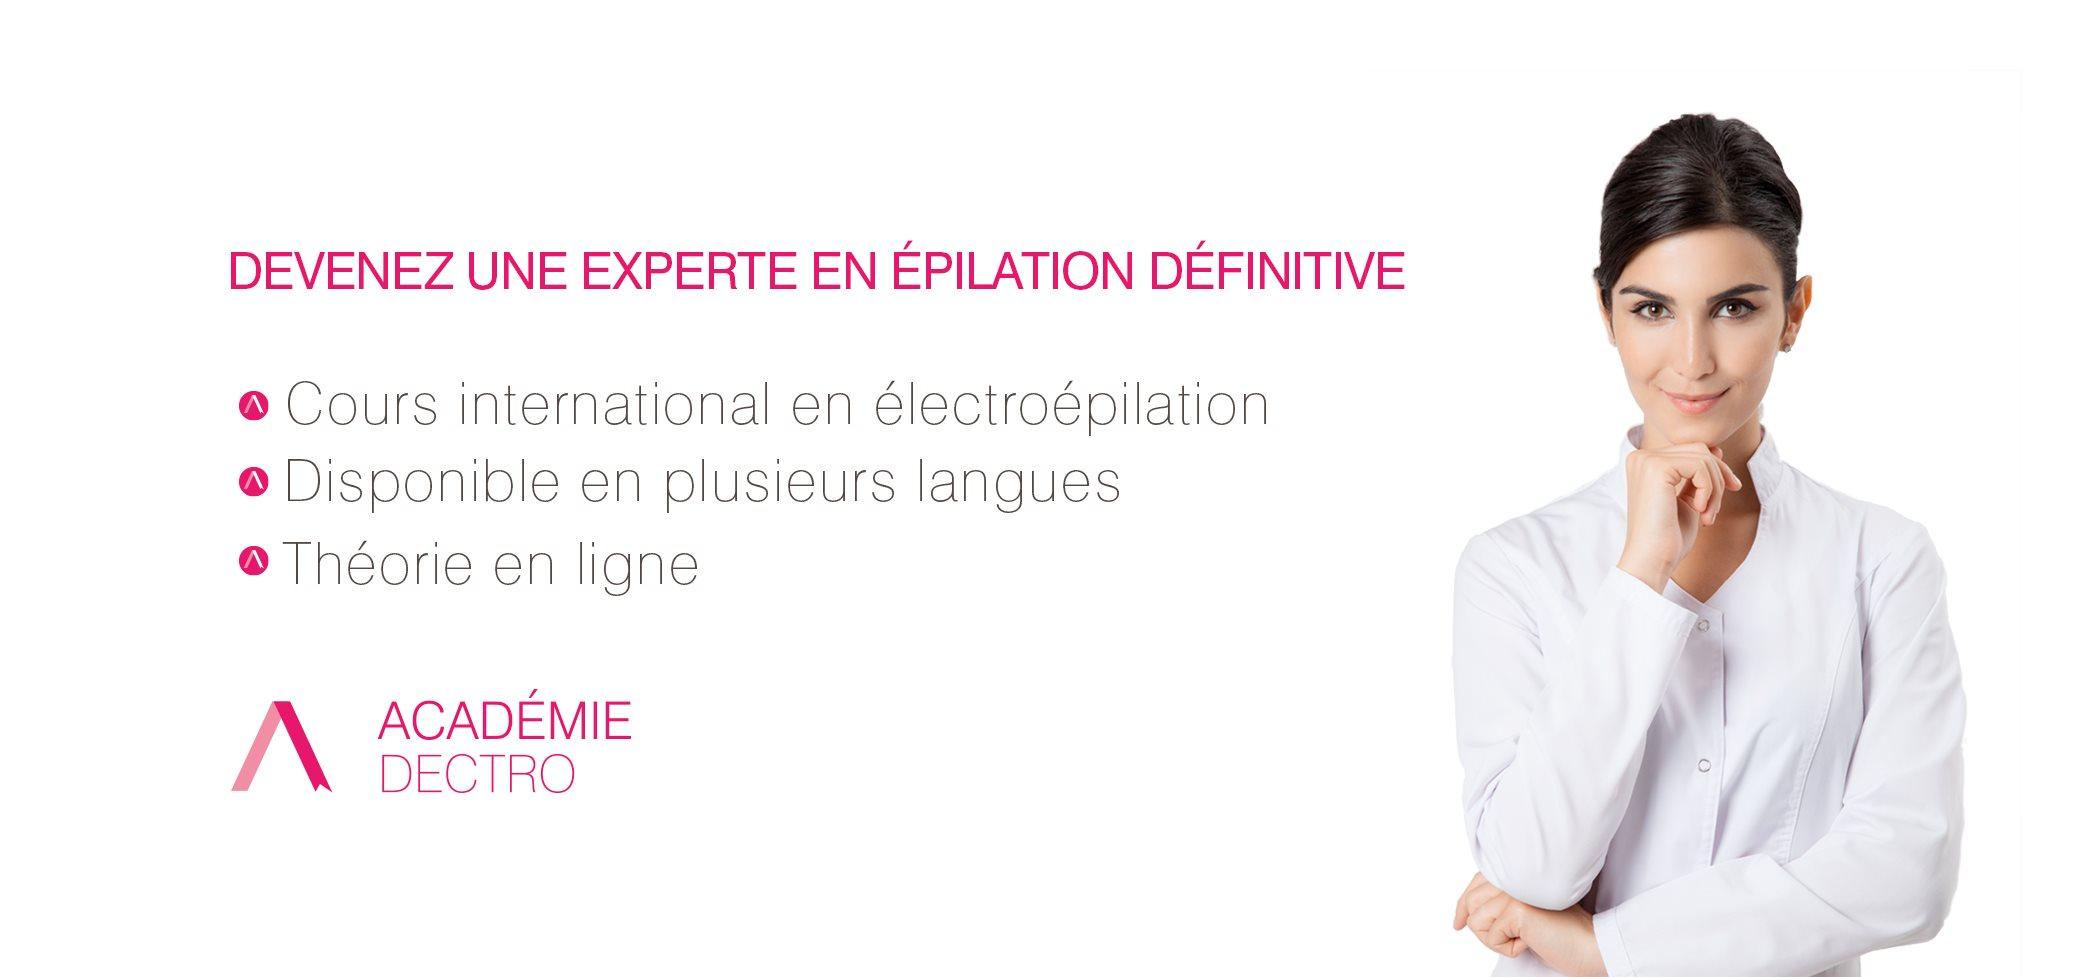 carroussel_page-accueil__aca_cour_en_ligne_fr21_sansblanc